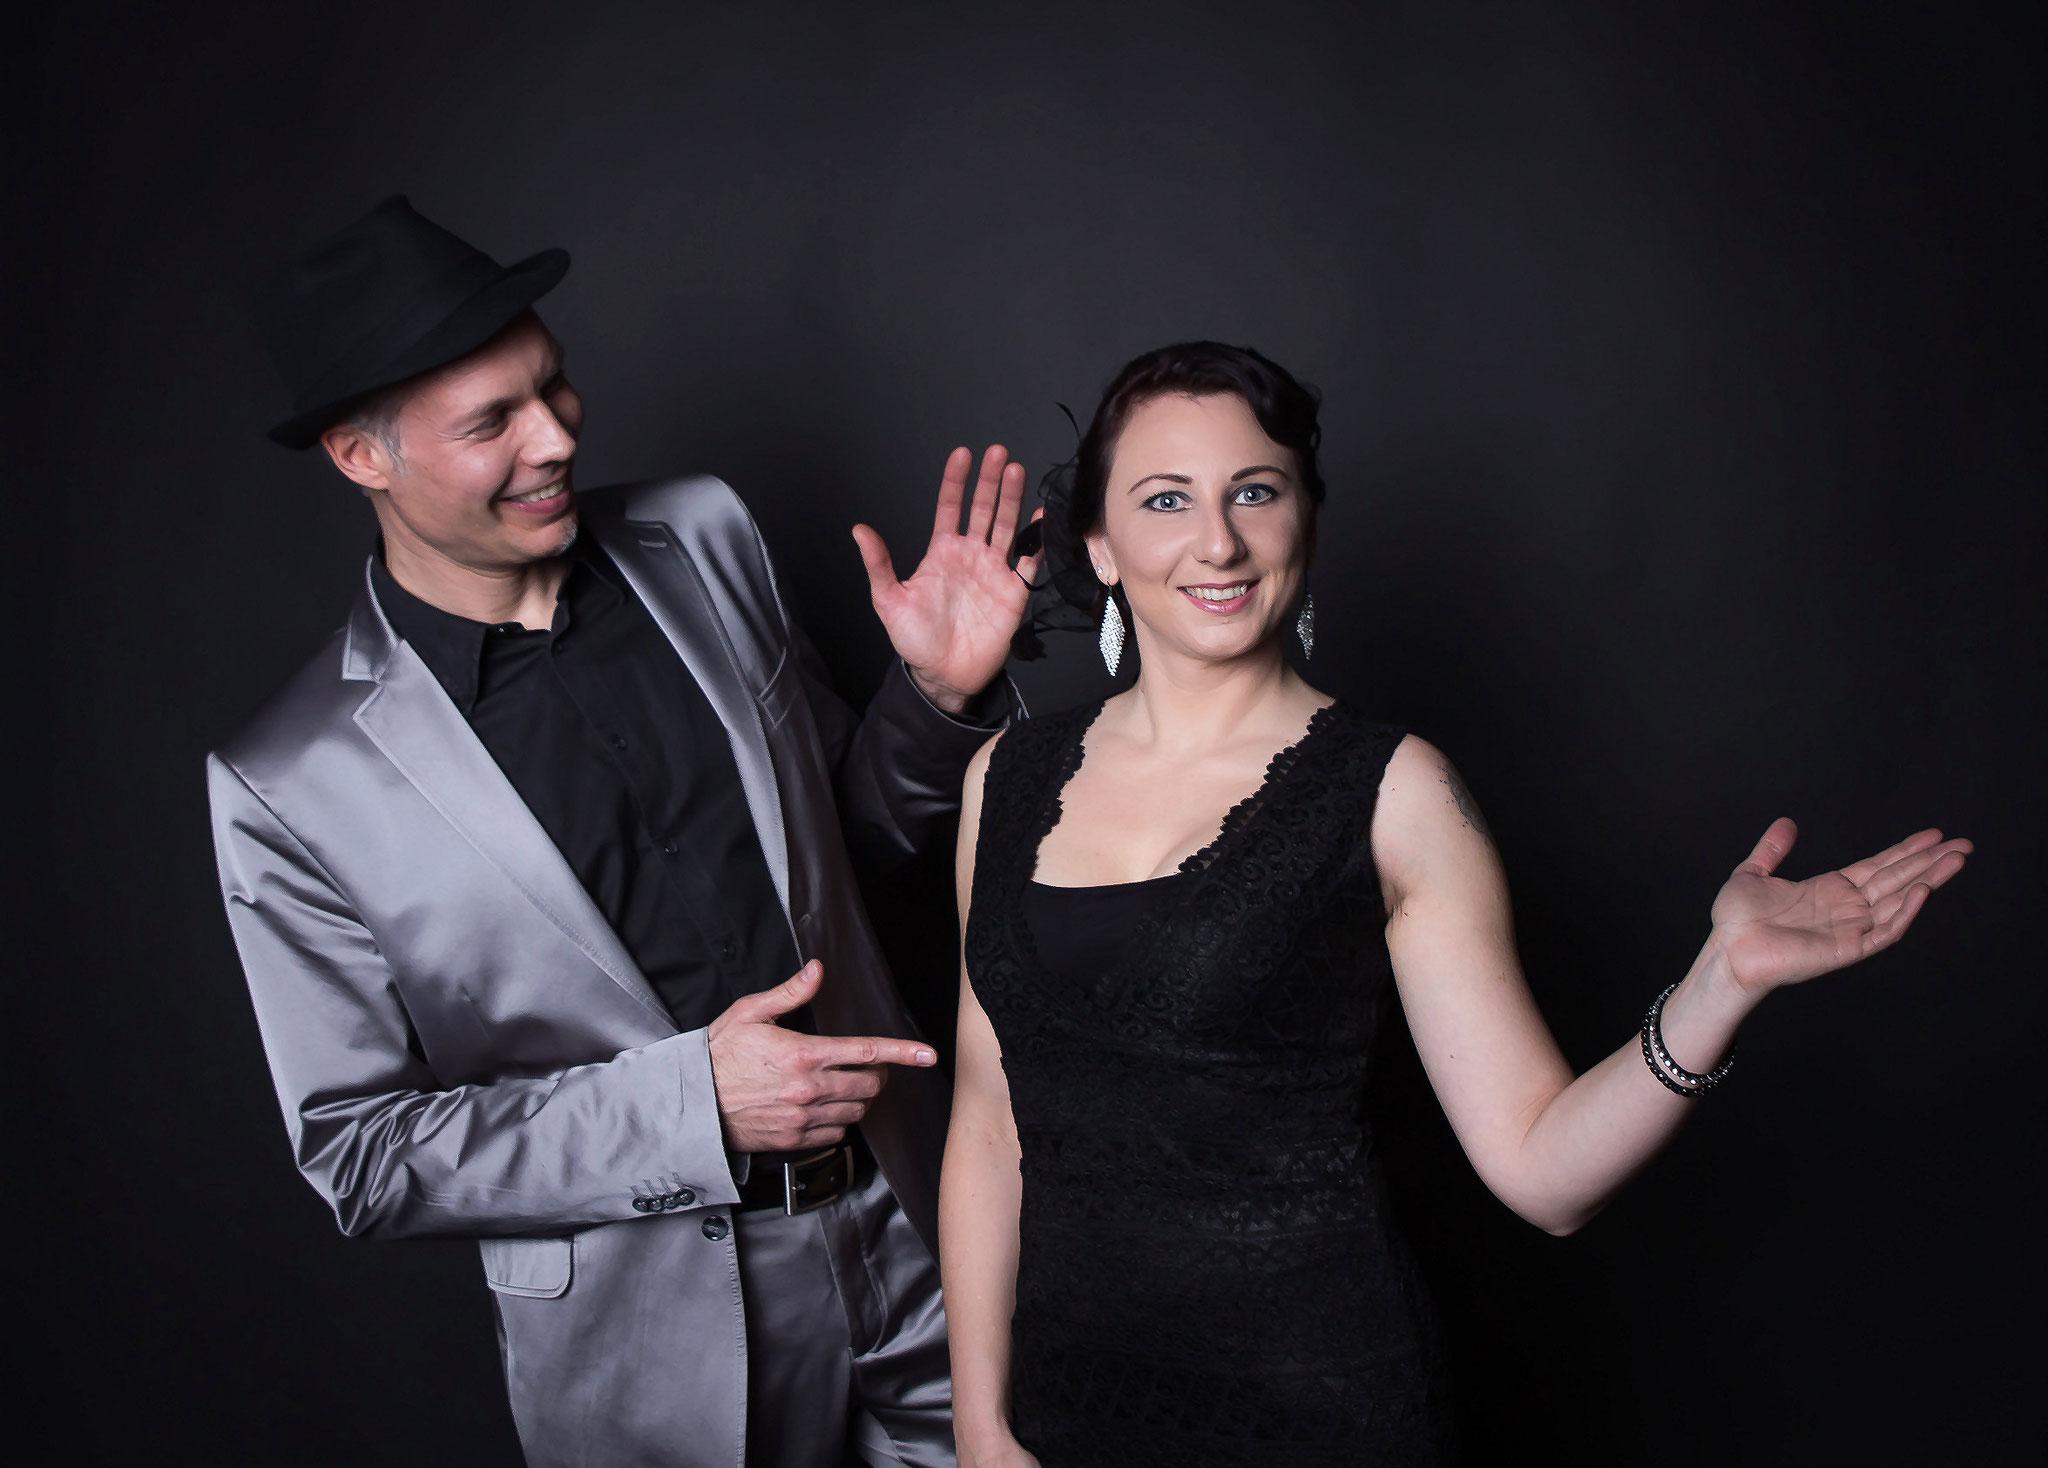 Marian & Mares Jazz - photo by Marudon Art